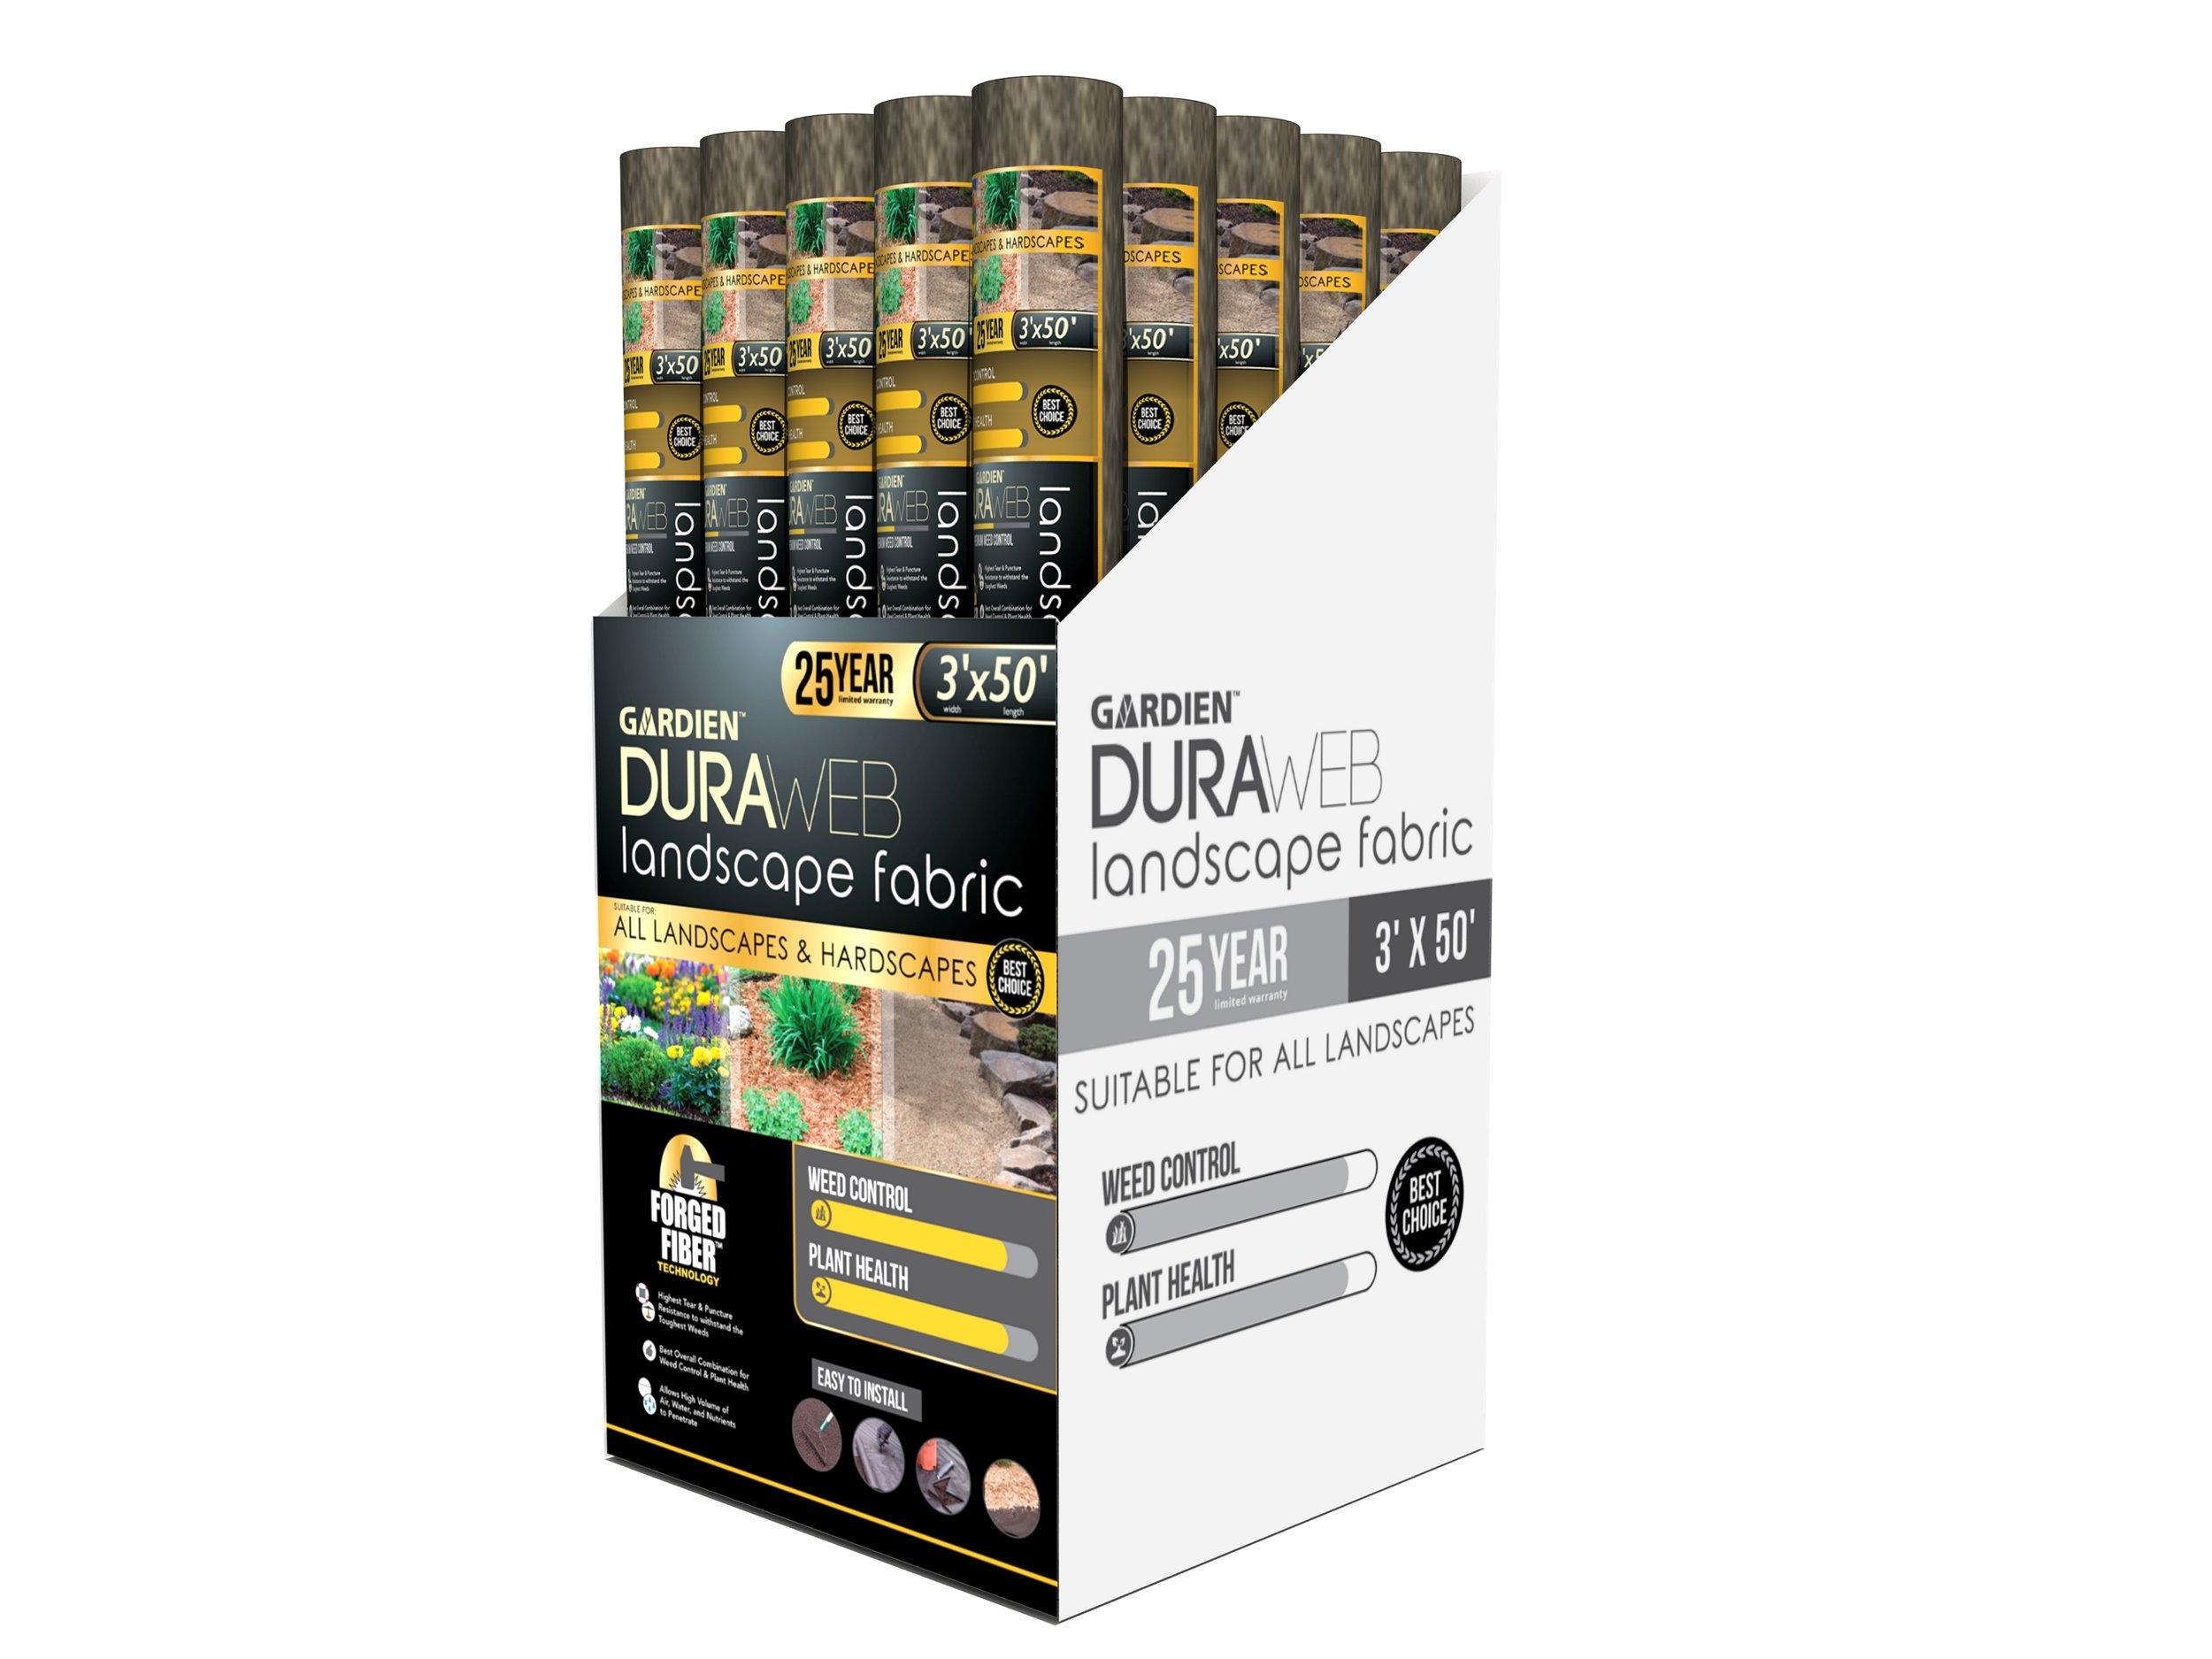 Duraweb_3X50_Vert_Display.jpg